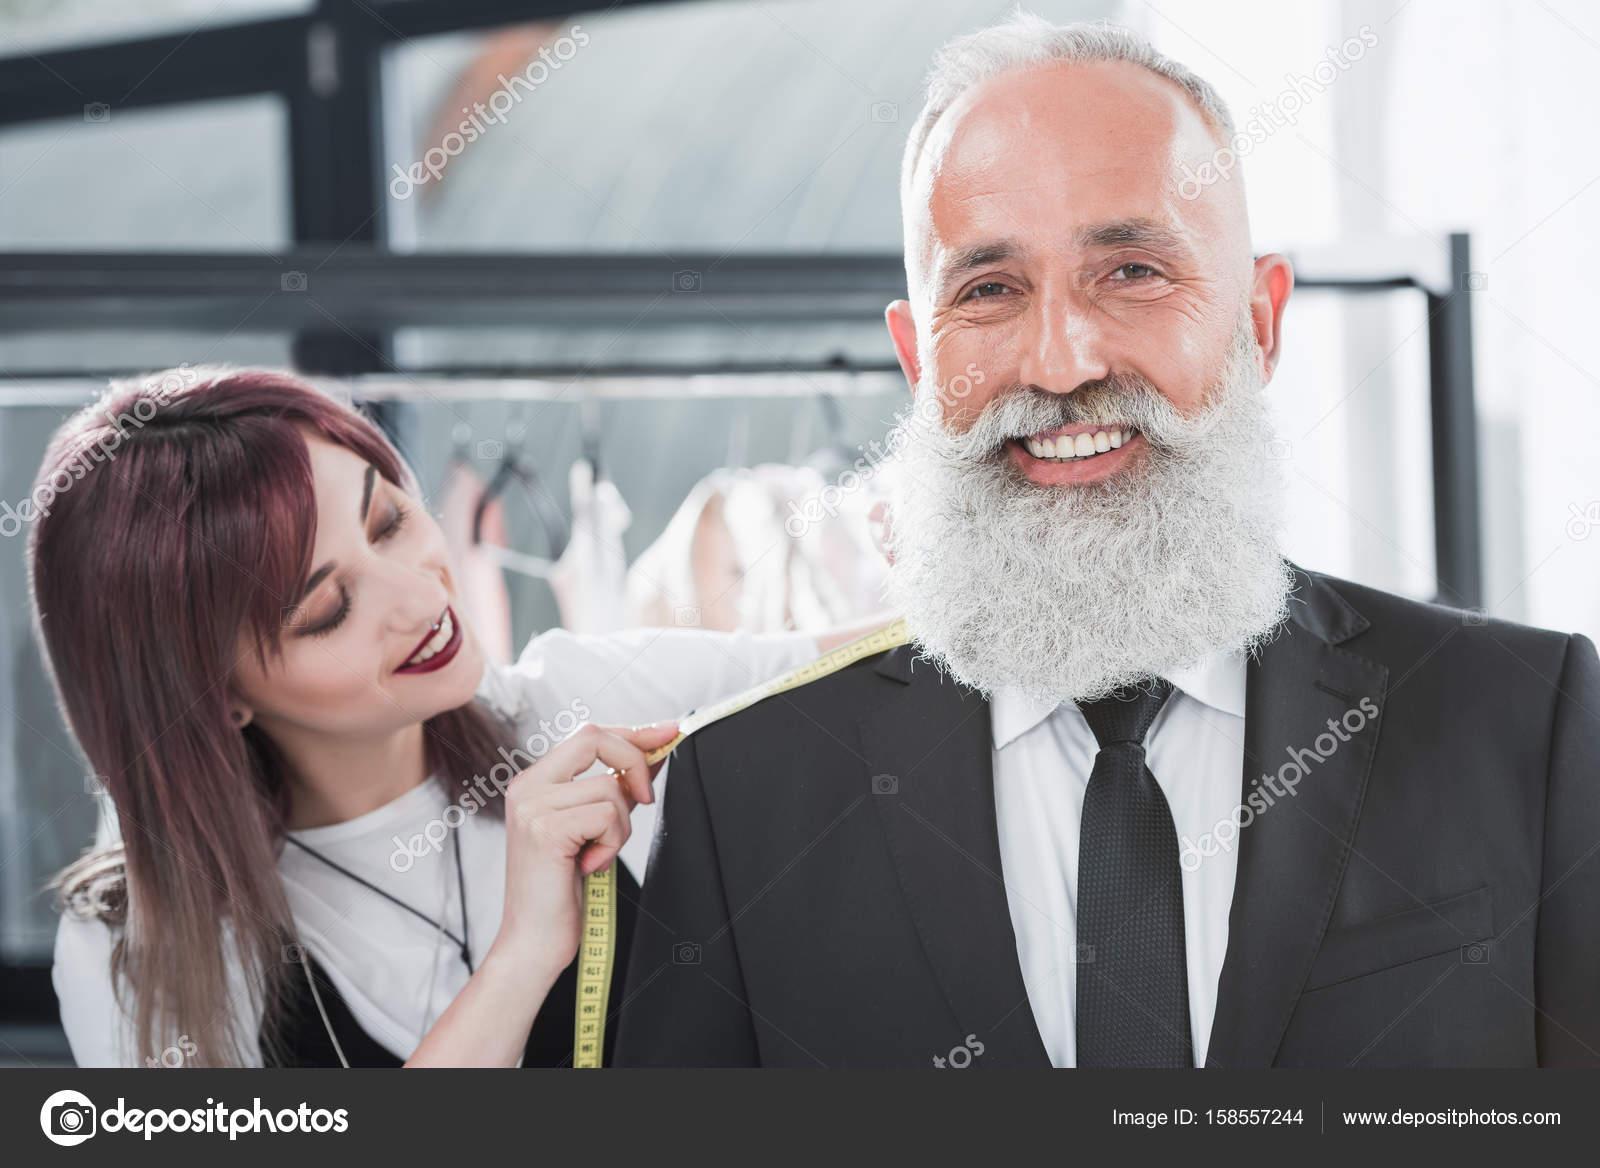 problemen van daten met een oudere man